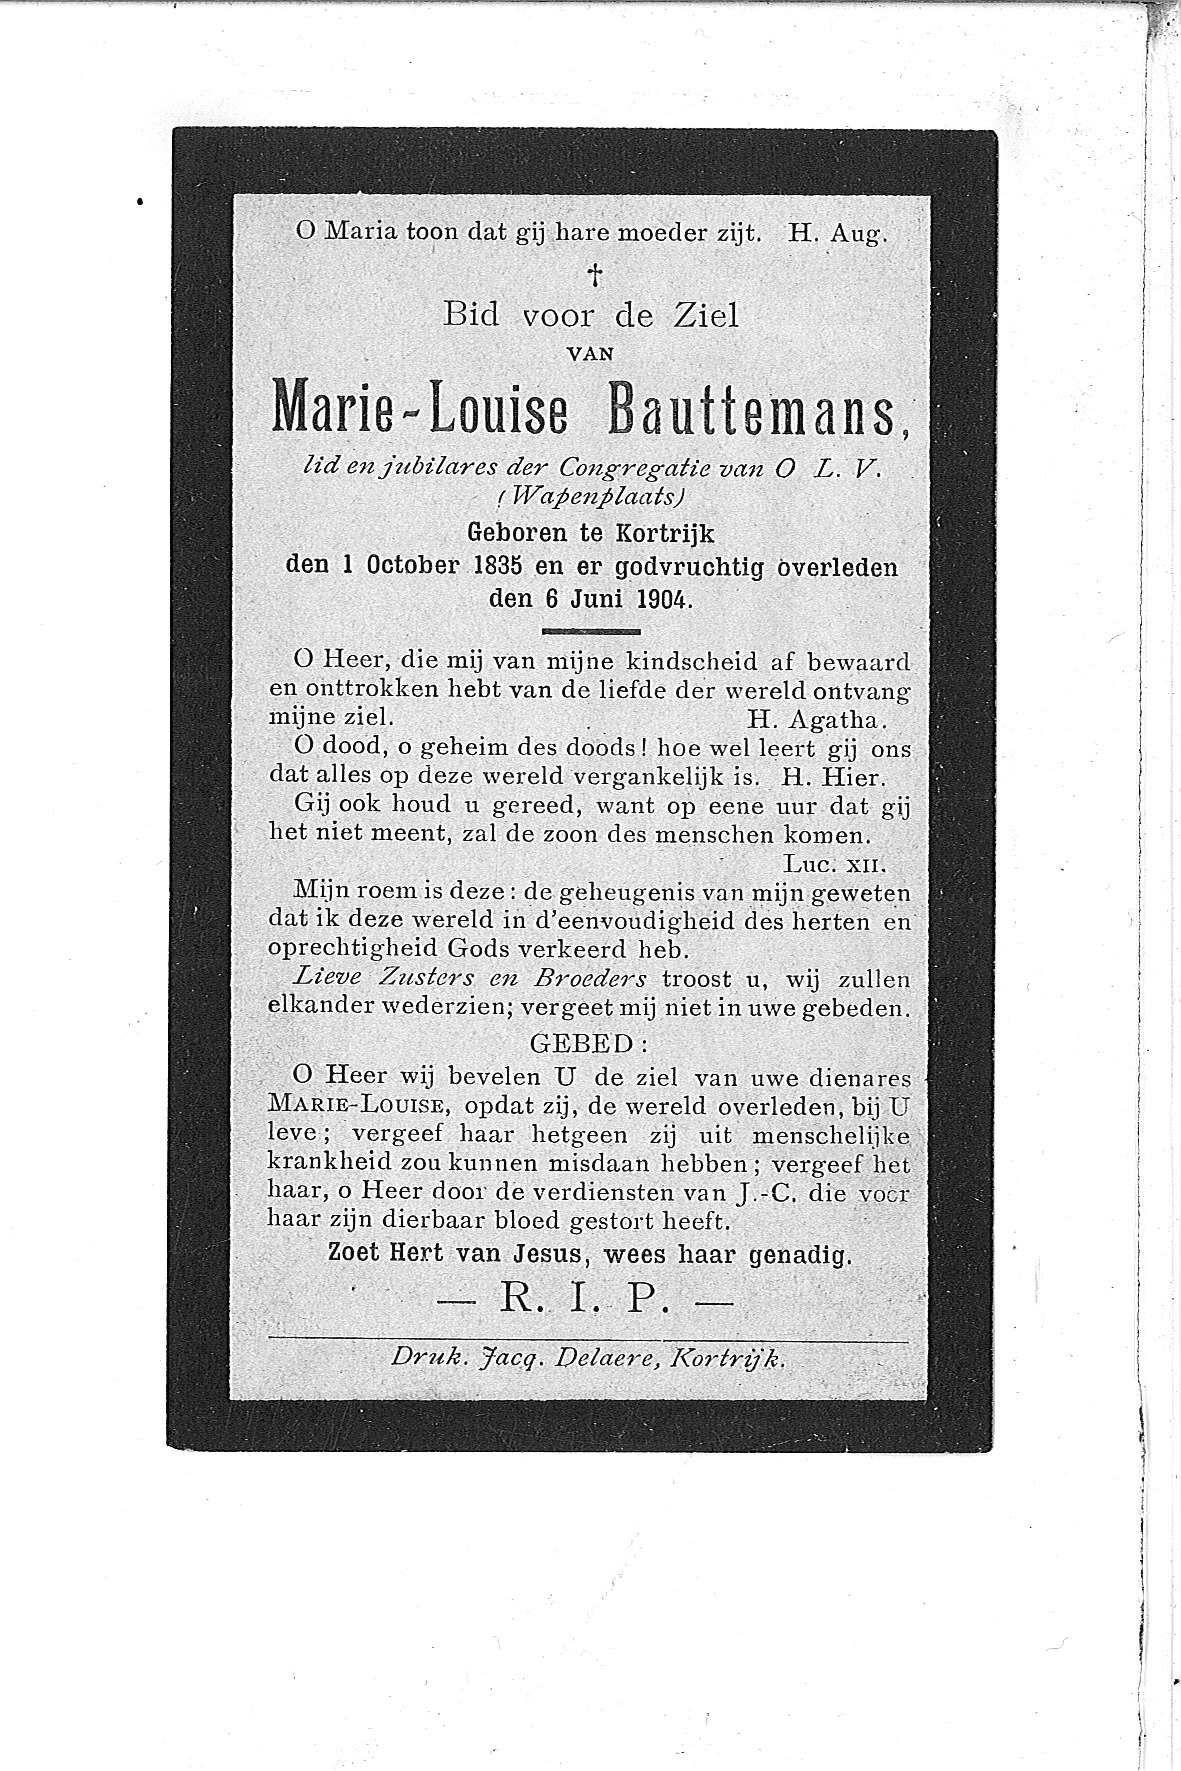 Marie-Louise(1904)20101025162903_00012.jpg